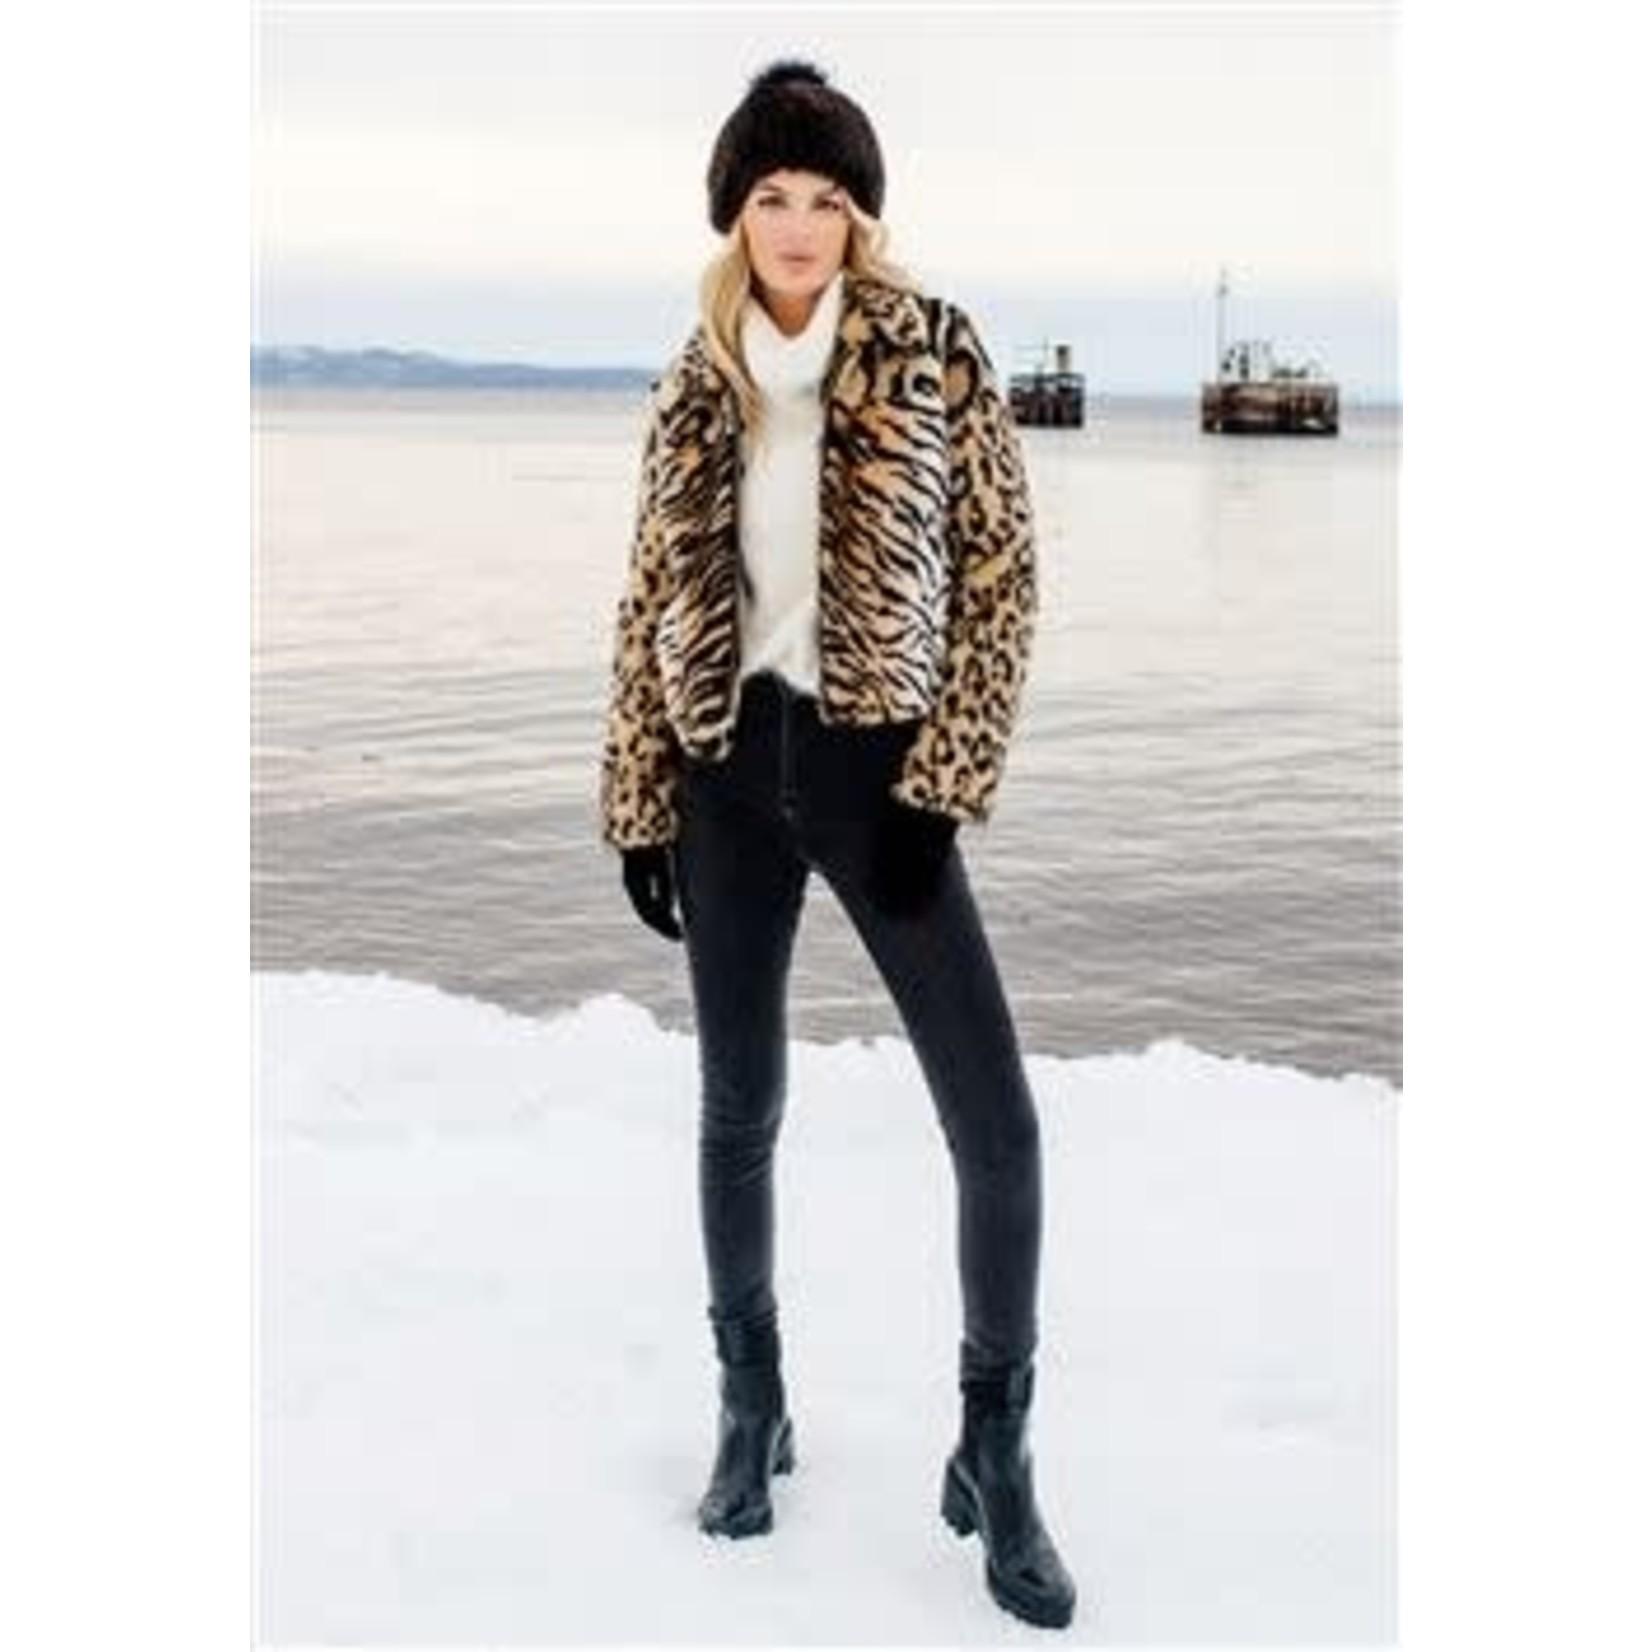 Fabulous Furs Remix Jacket in Multi Animal